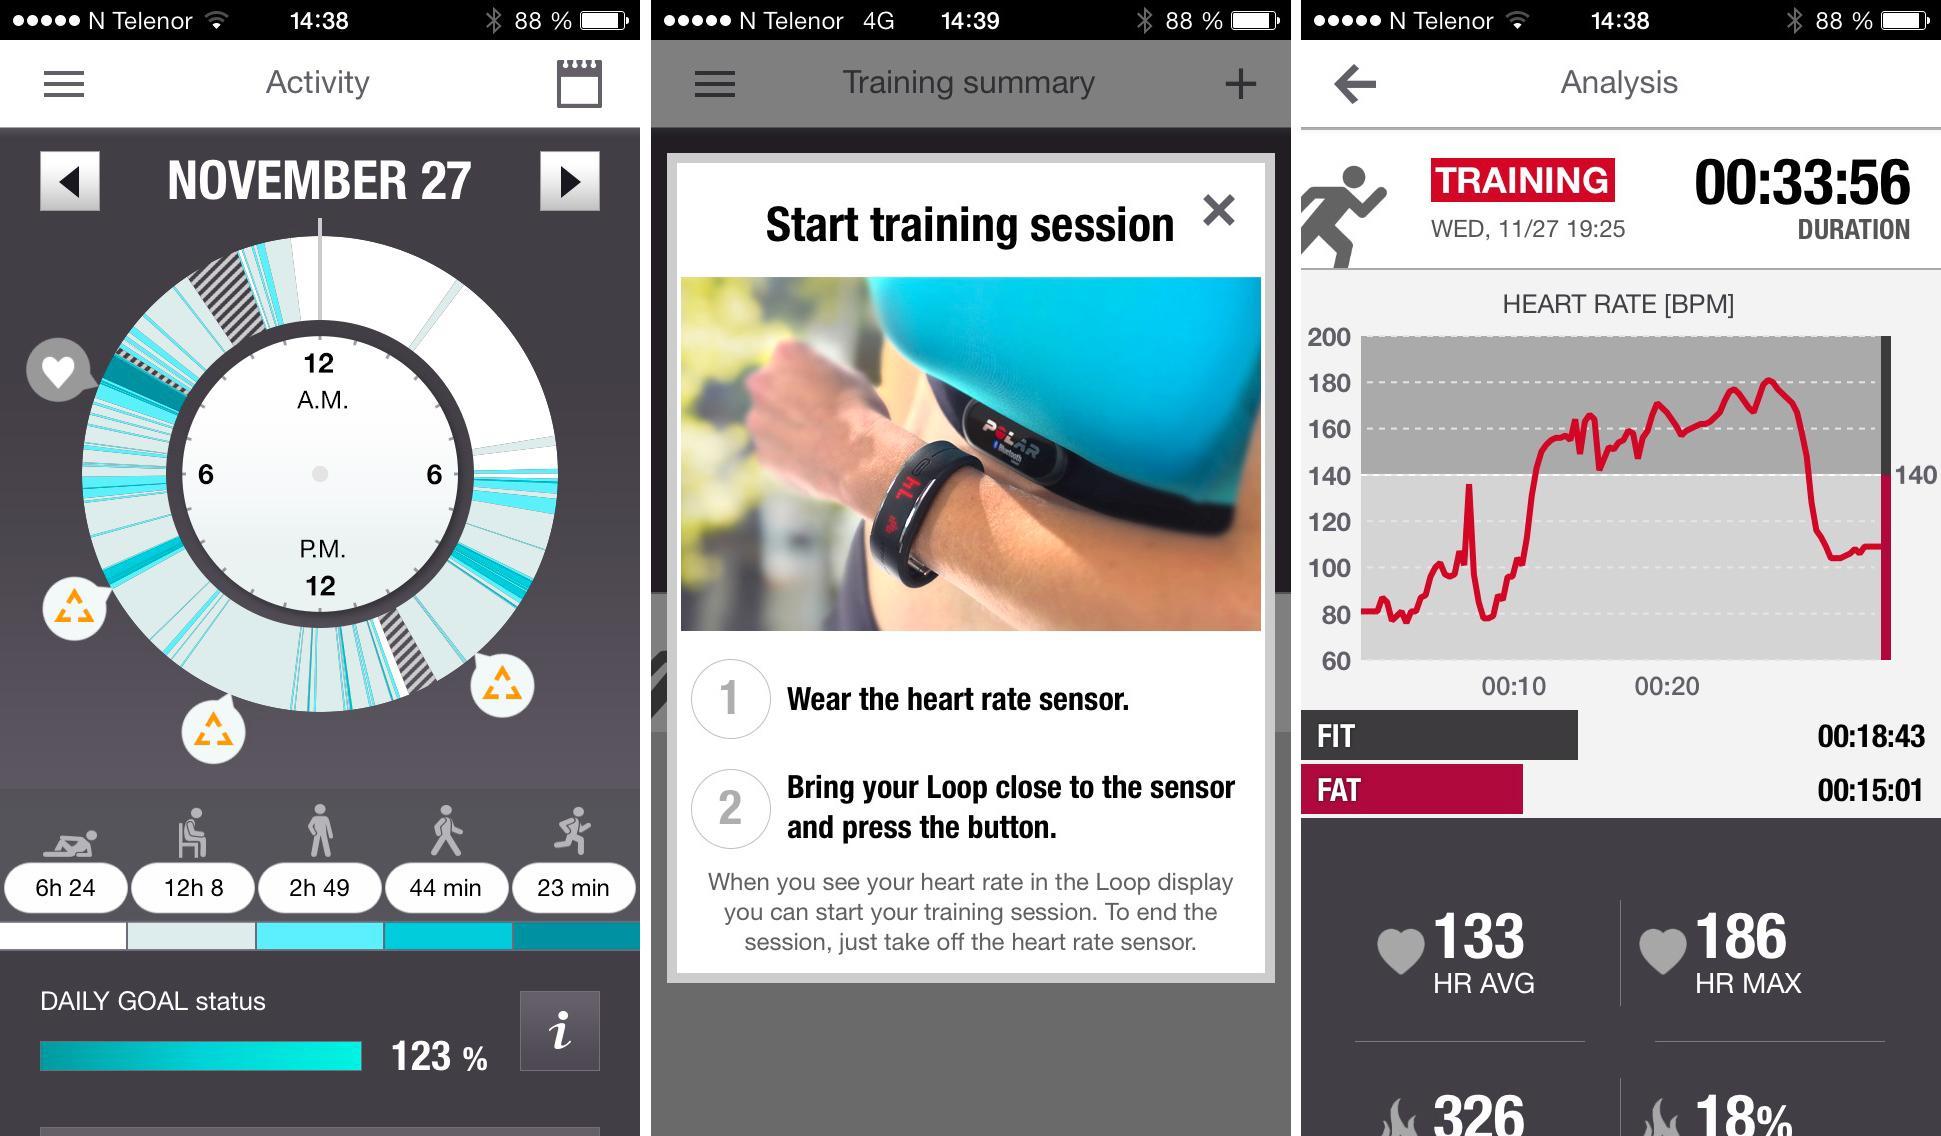 iPhone-appen gir deg informasjon om aktivitetsnivået ditt.